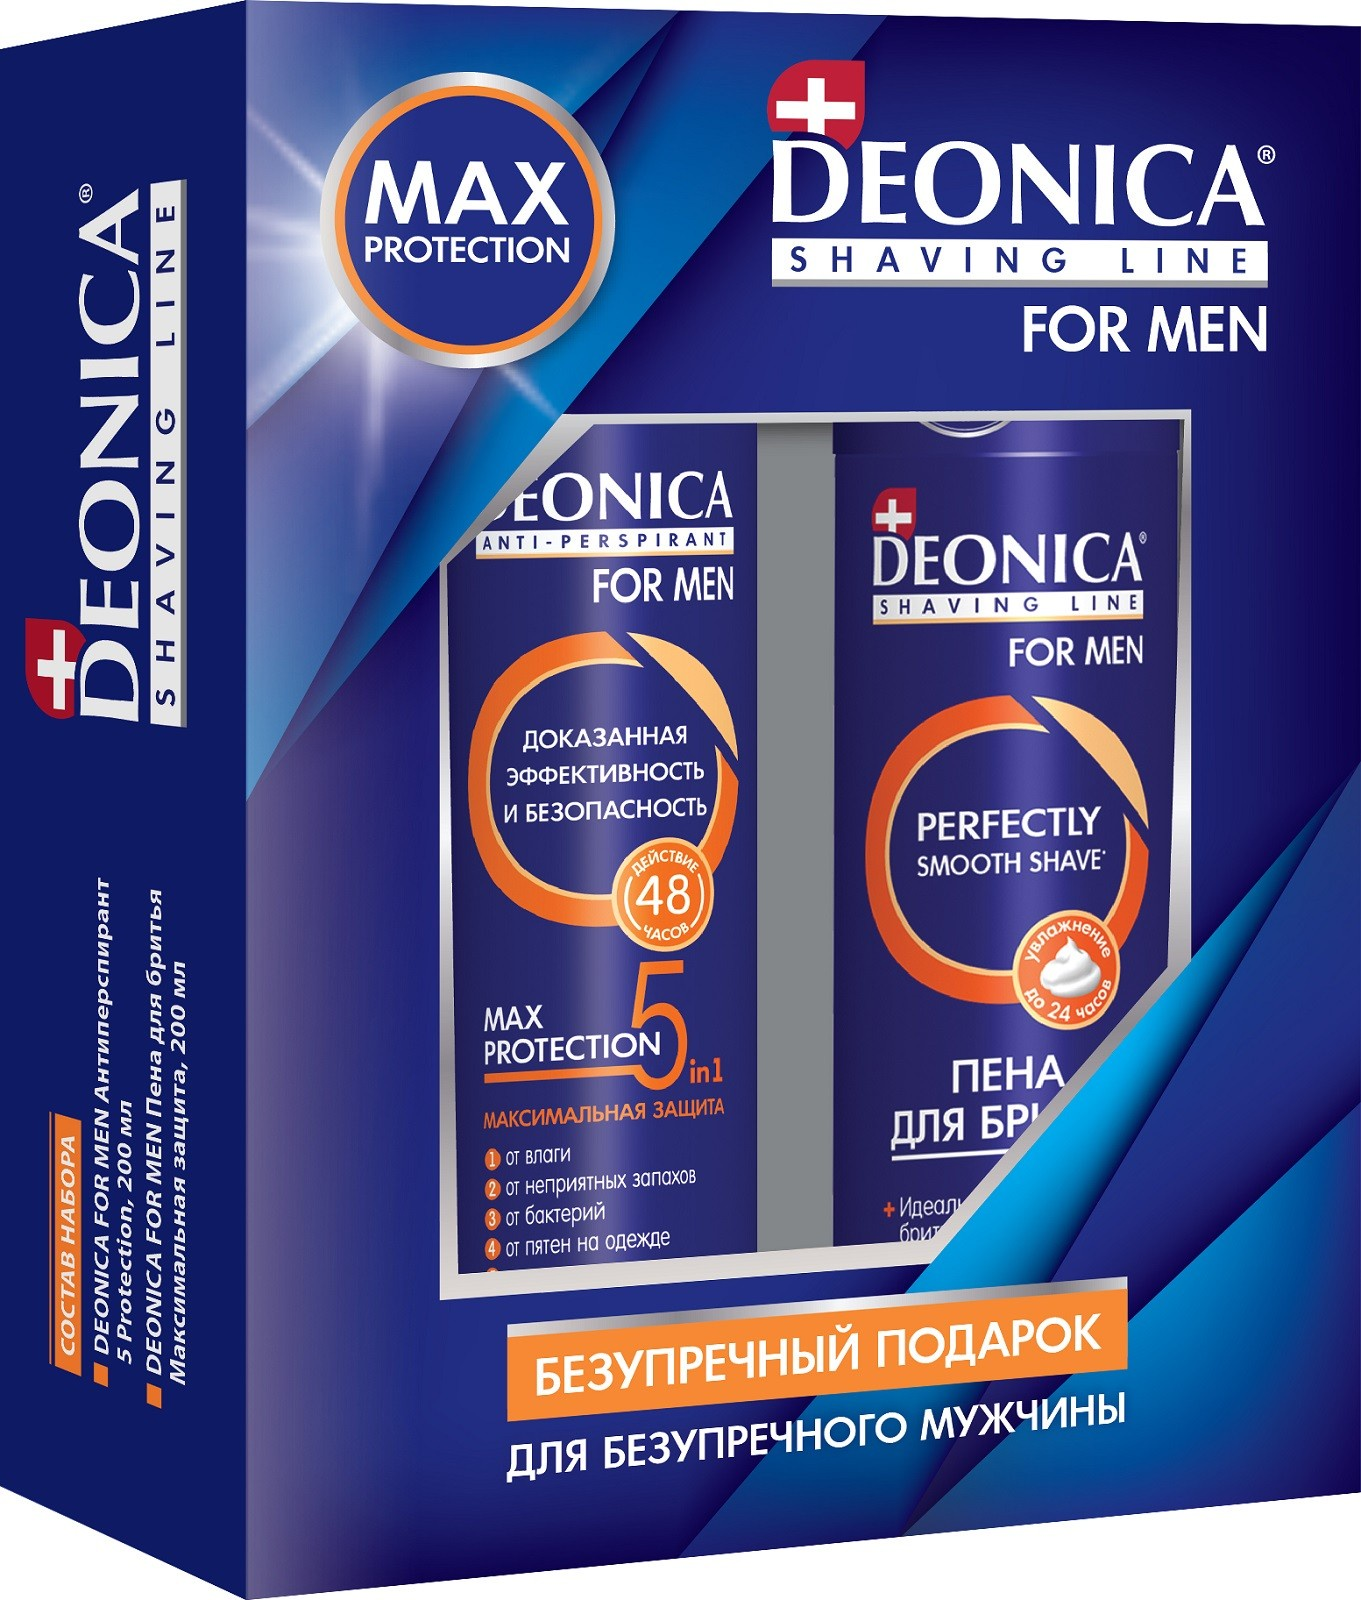 Подарочный набор DEONICA For Men 5 protection: пена для бритья, мужской дезодорант-антиперспирант